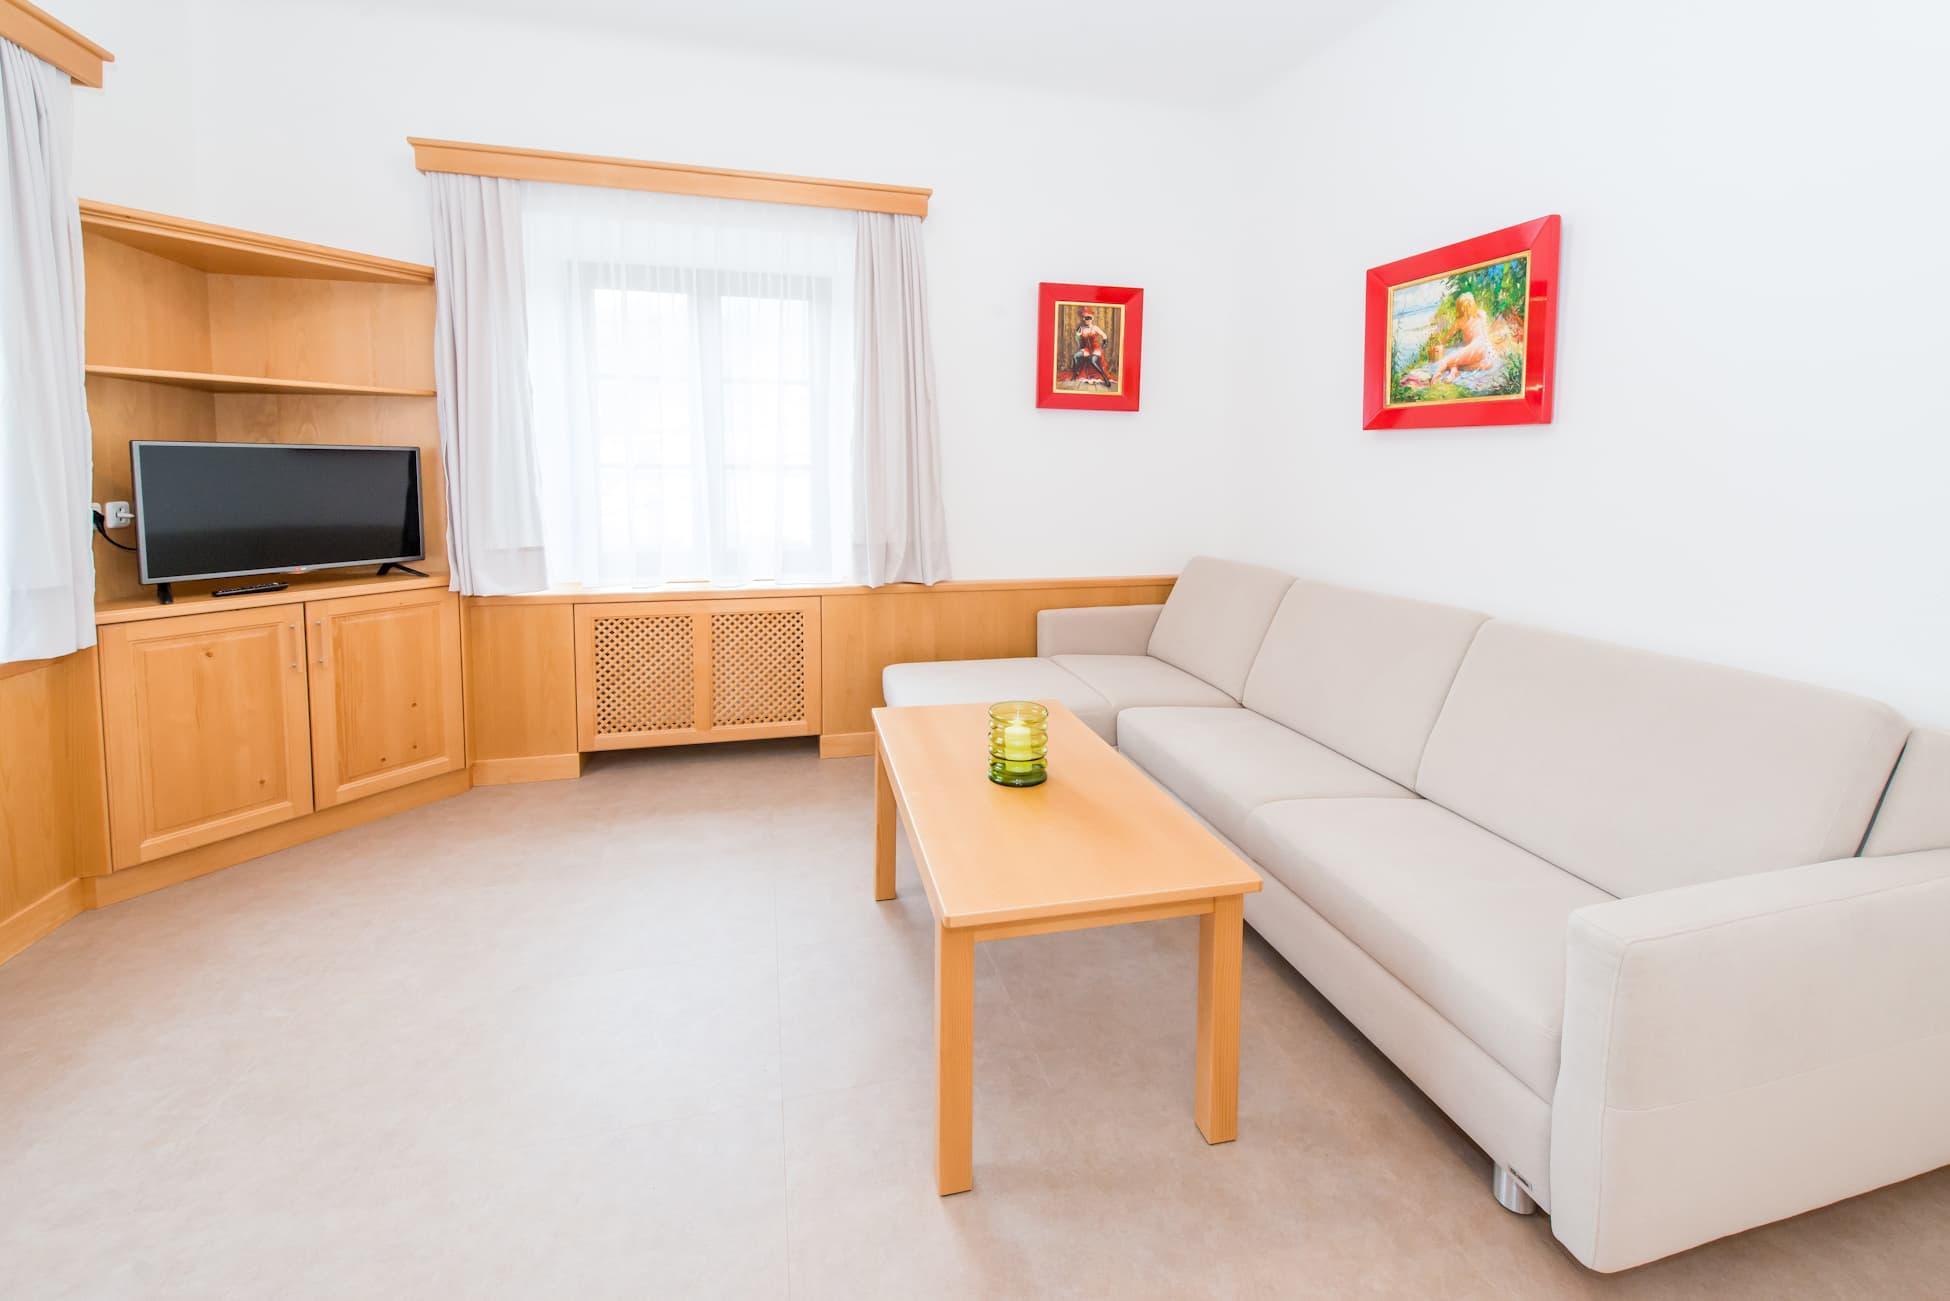 Aufnahme des Wohnzimmer von Wohnung 4 - Brücke